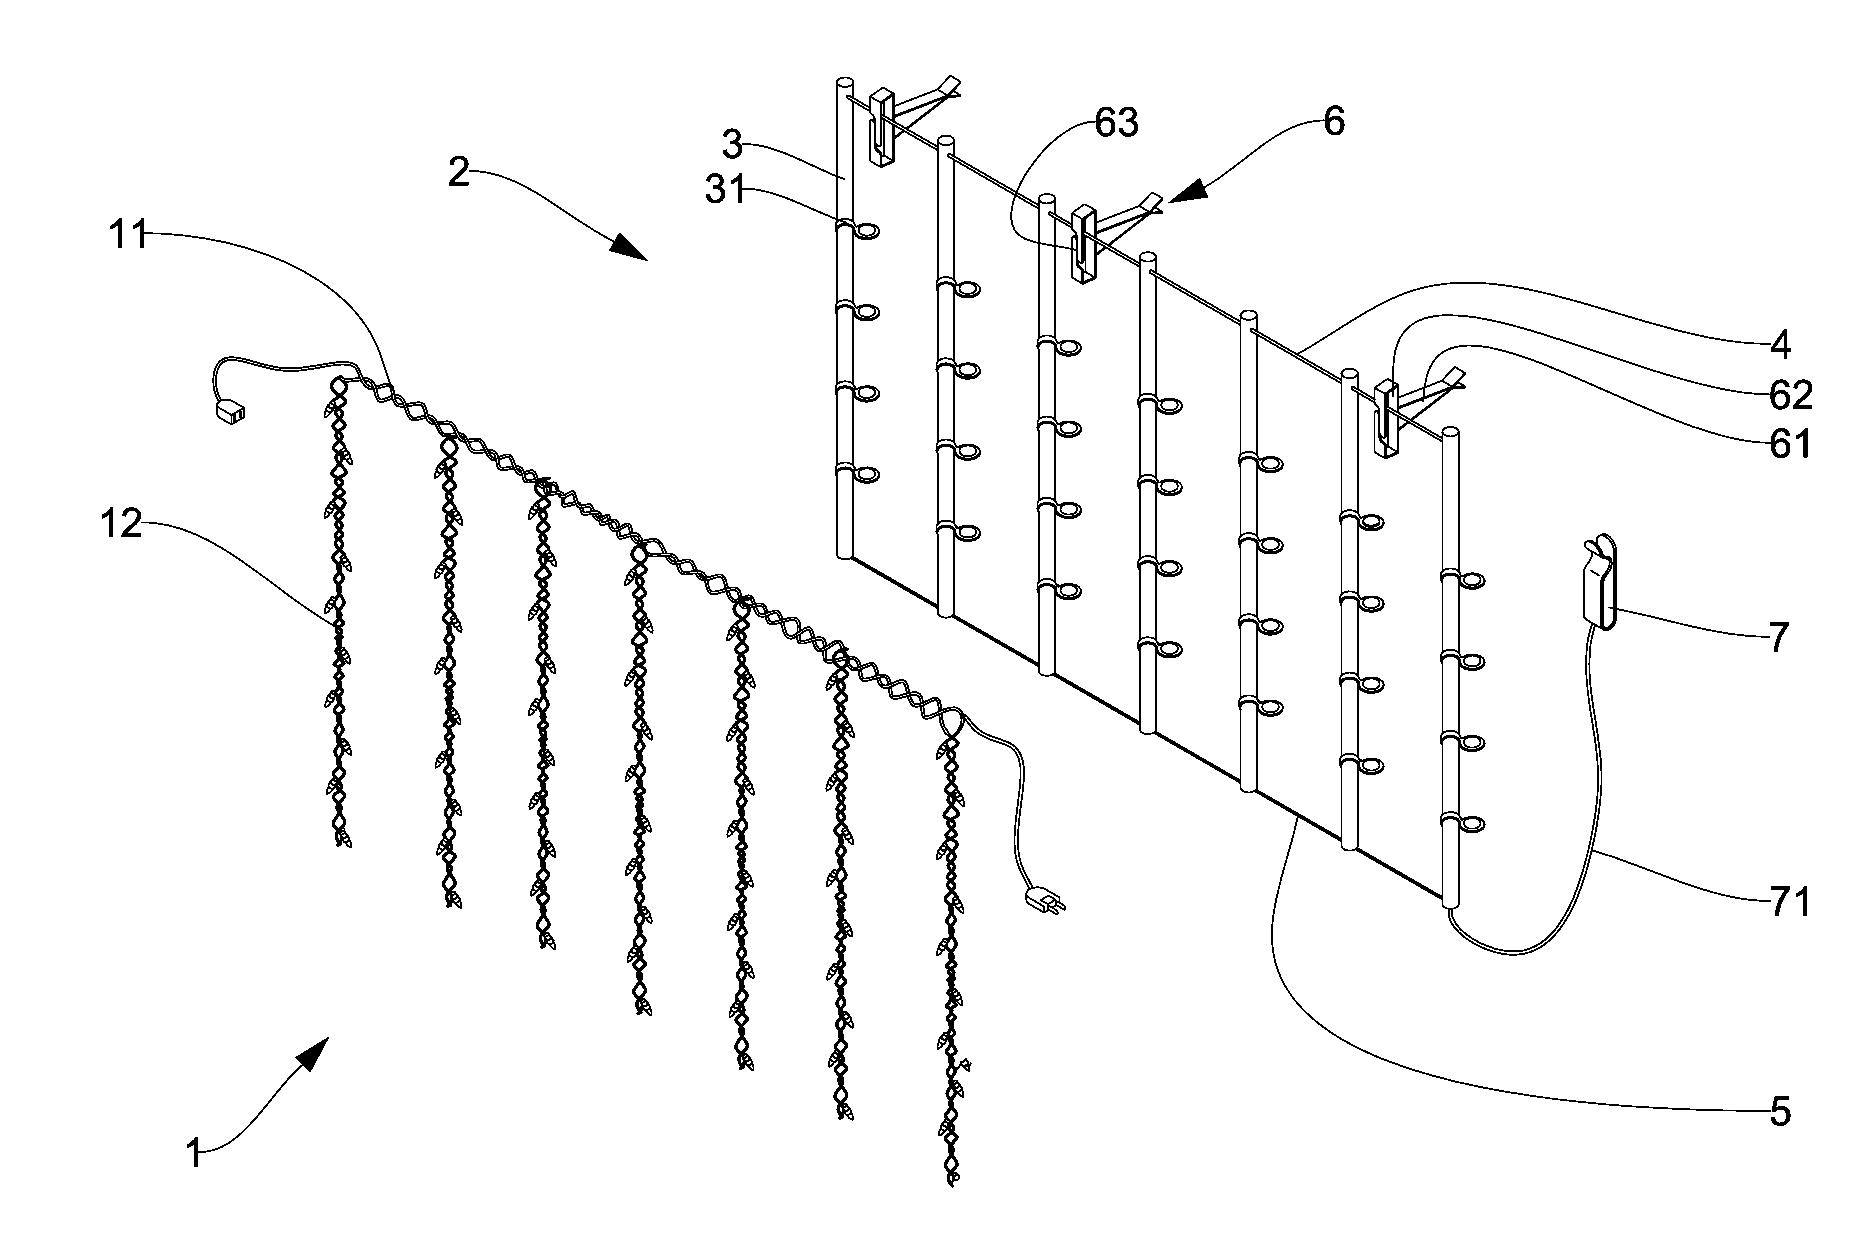 Sensational Icicle Light Wiring Diagram Wiring Diagram Panel Wiring 101 Garnawise Assnl